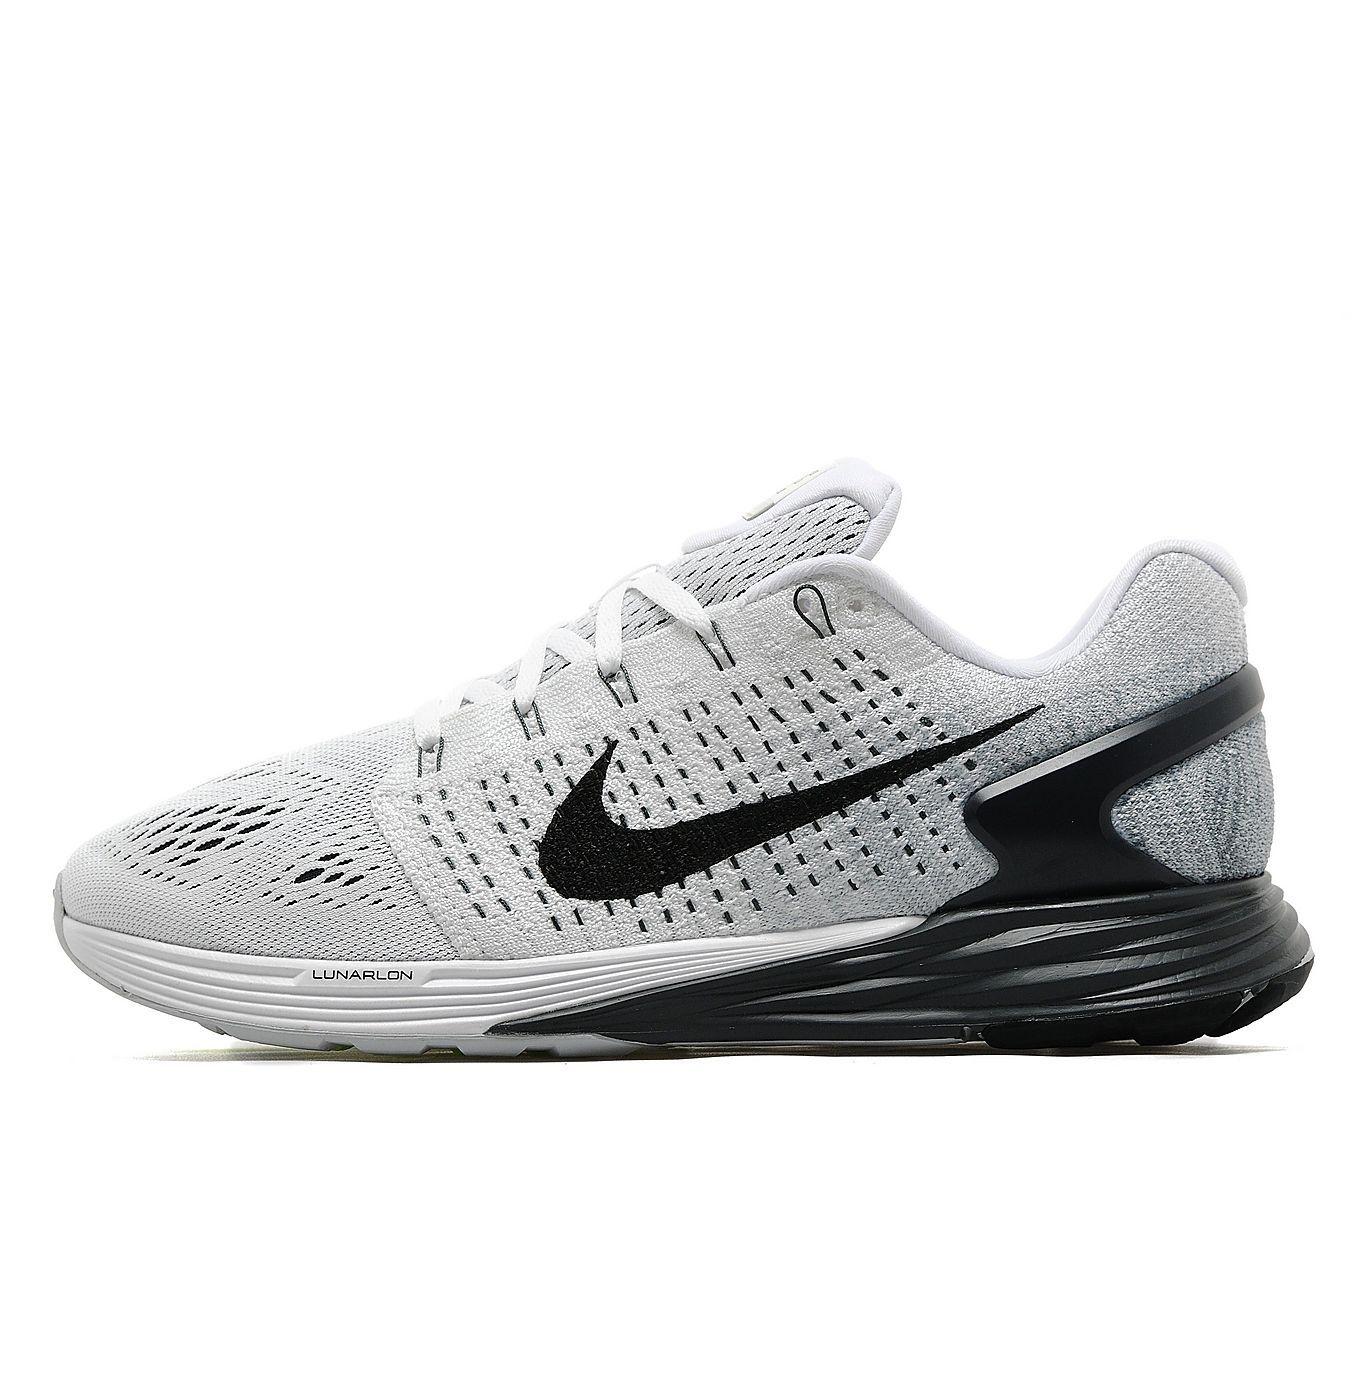 NikeLunarglide 7 Nike lunarglide, Nike, Air max sneakers